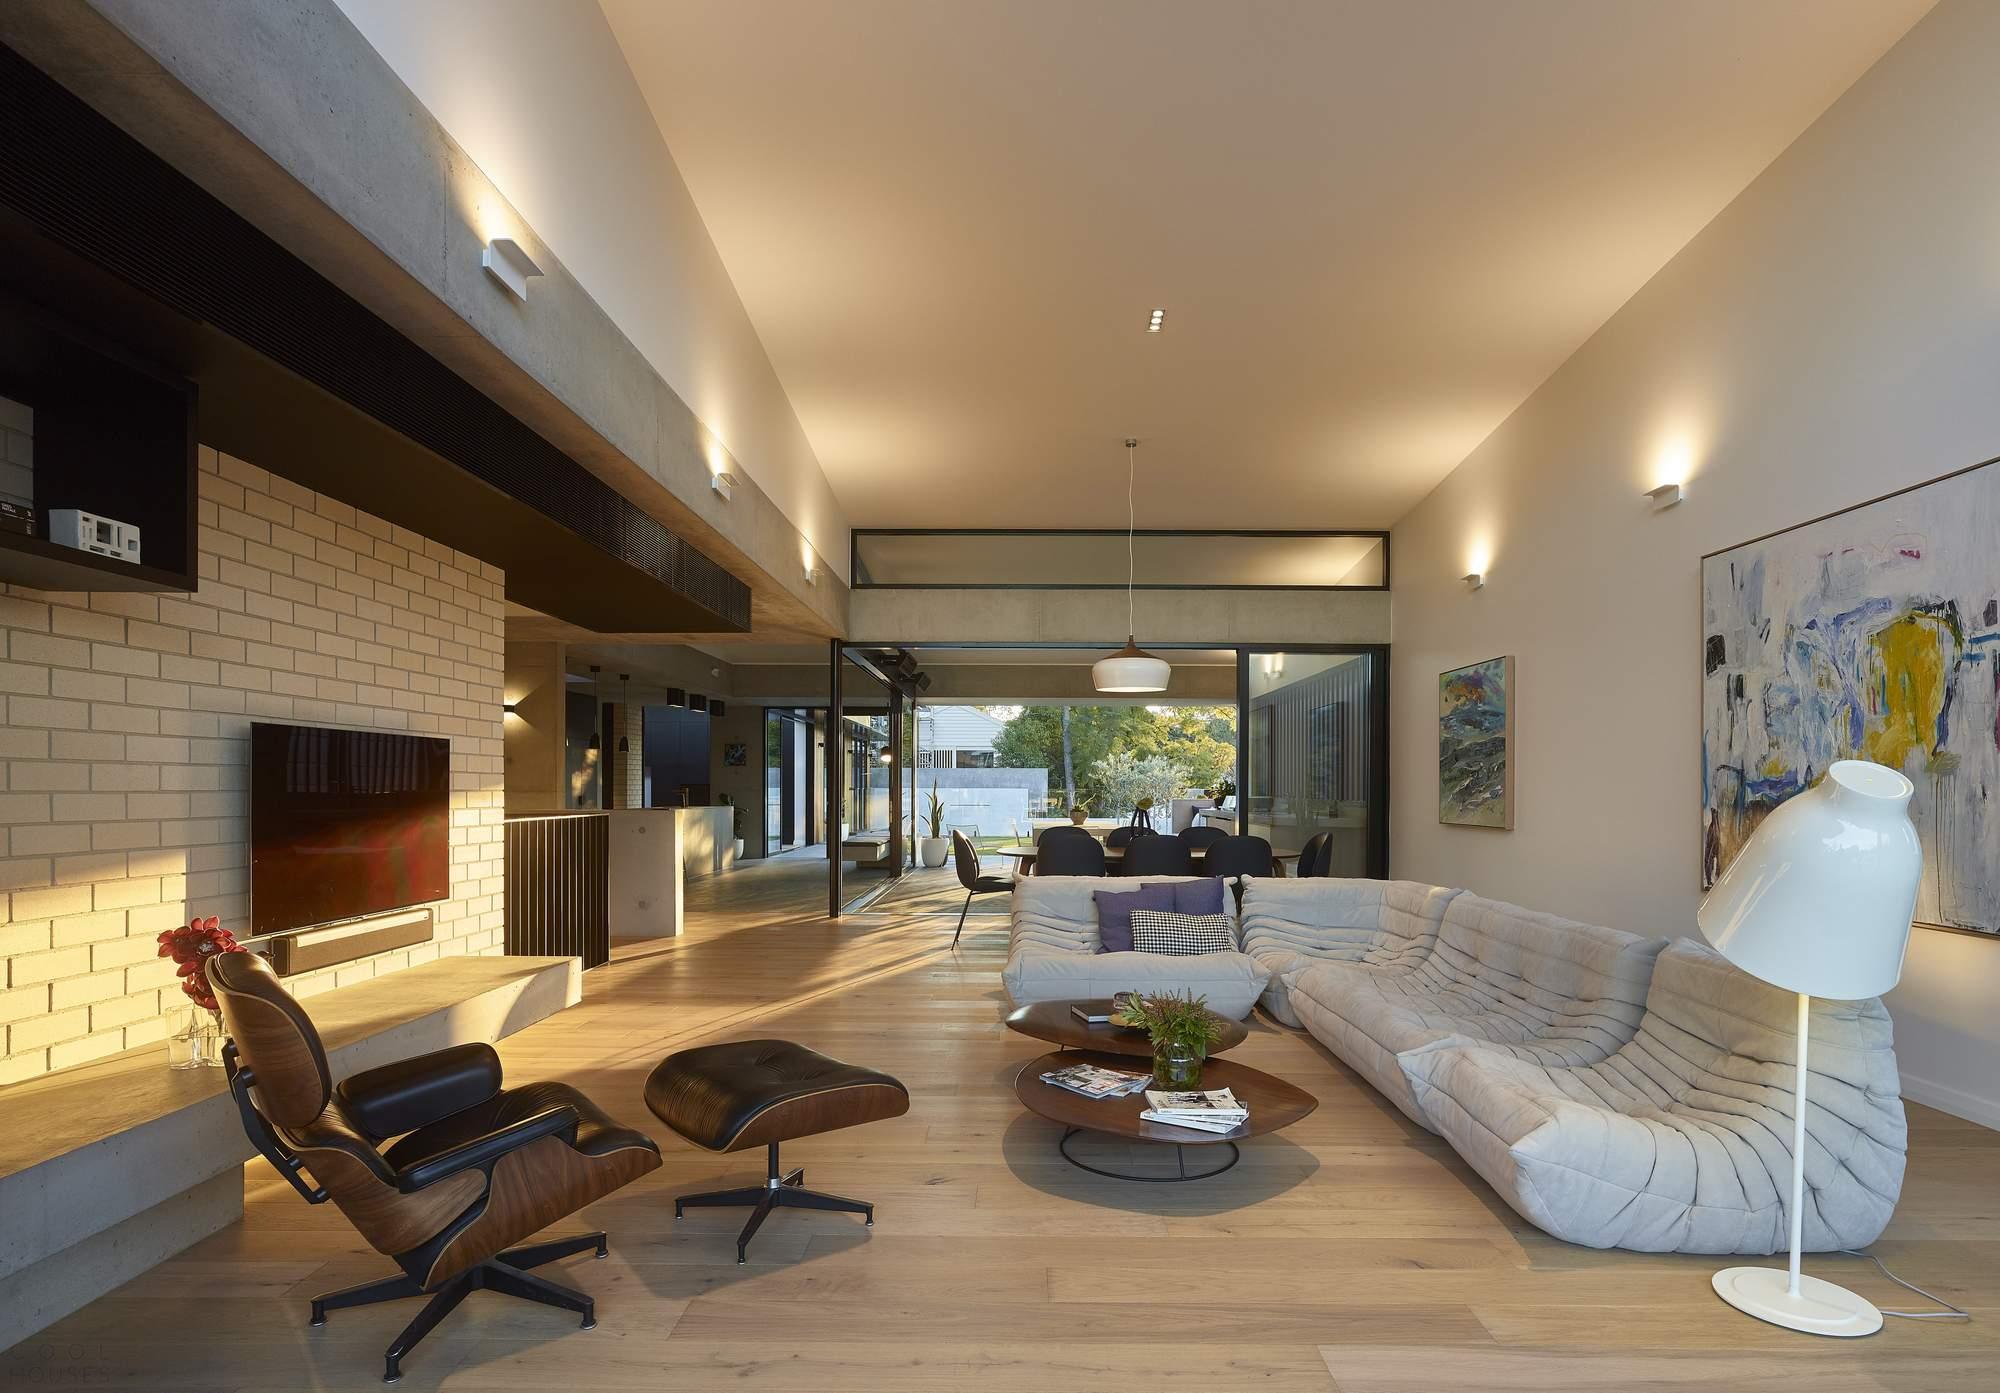 Семейный дом с двумя фасадами, Австралия